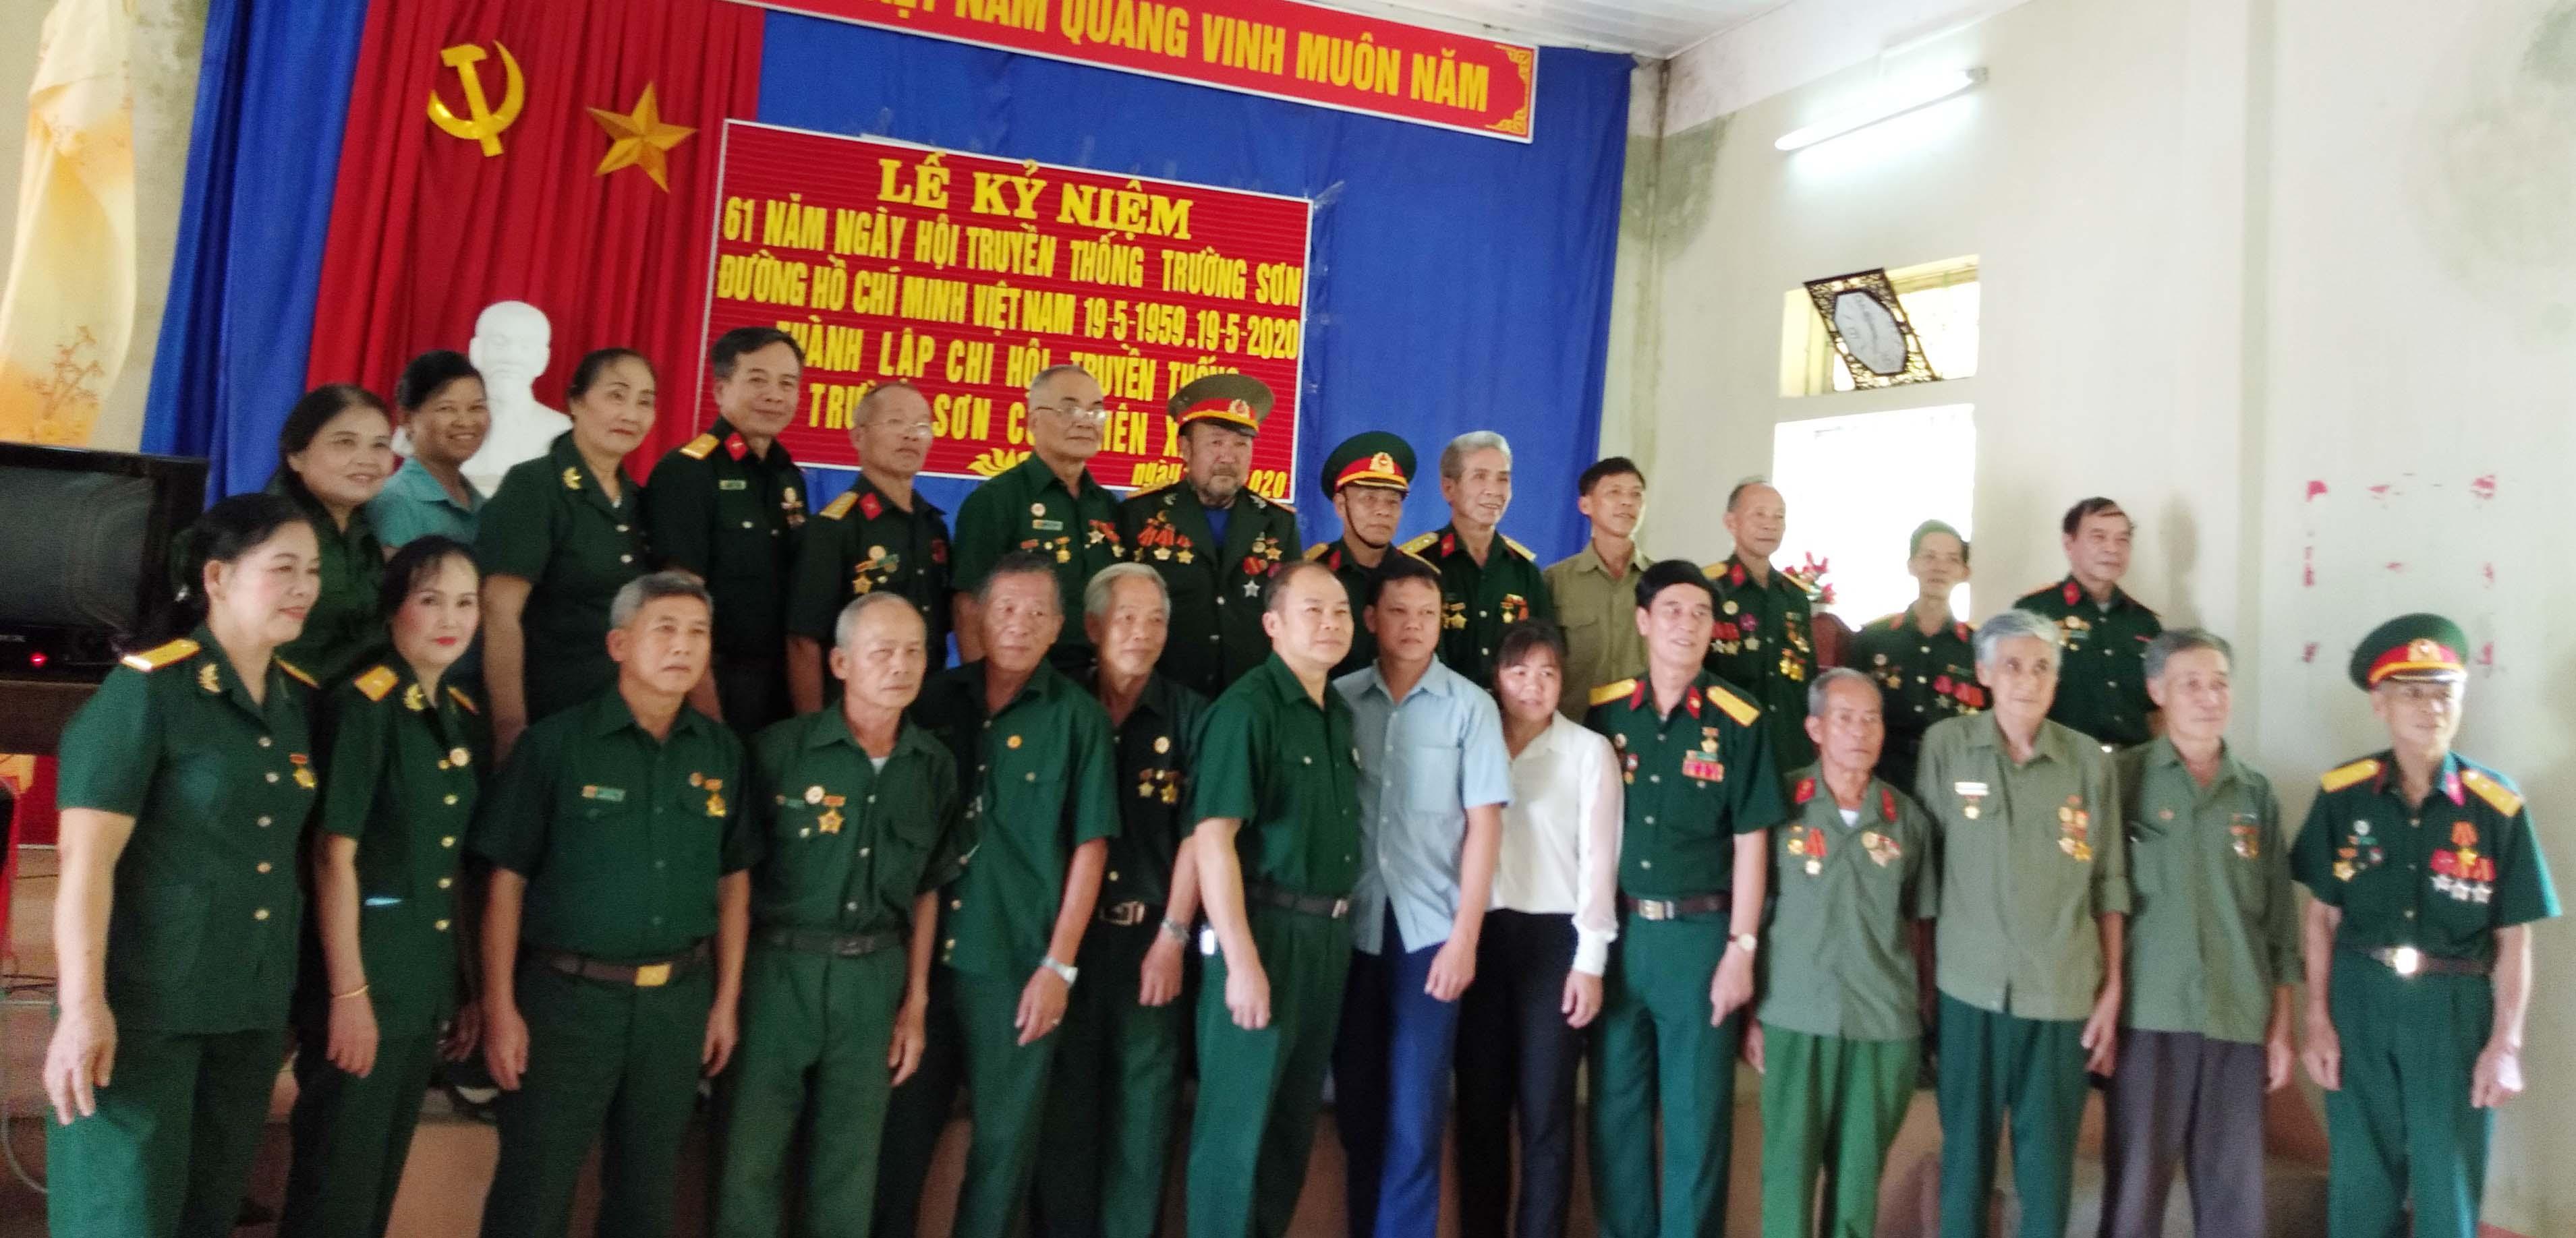 Tin hoạt động của Hội Trường Sơn tỉnh Cao Bằng